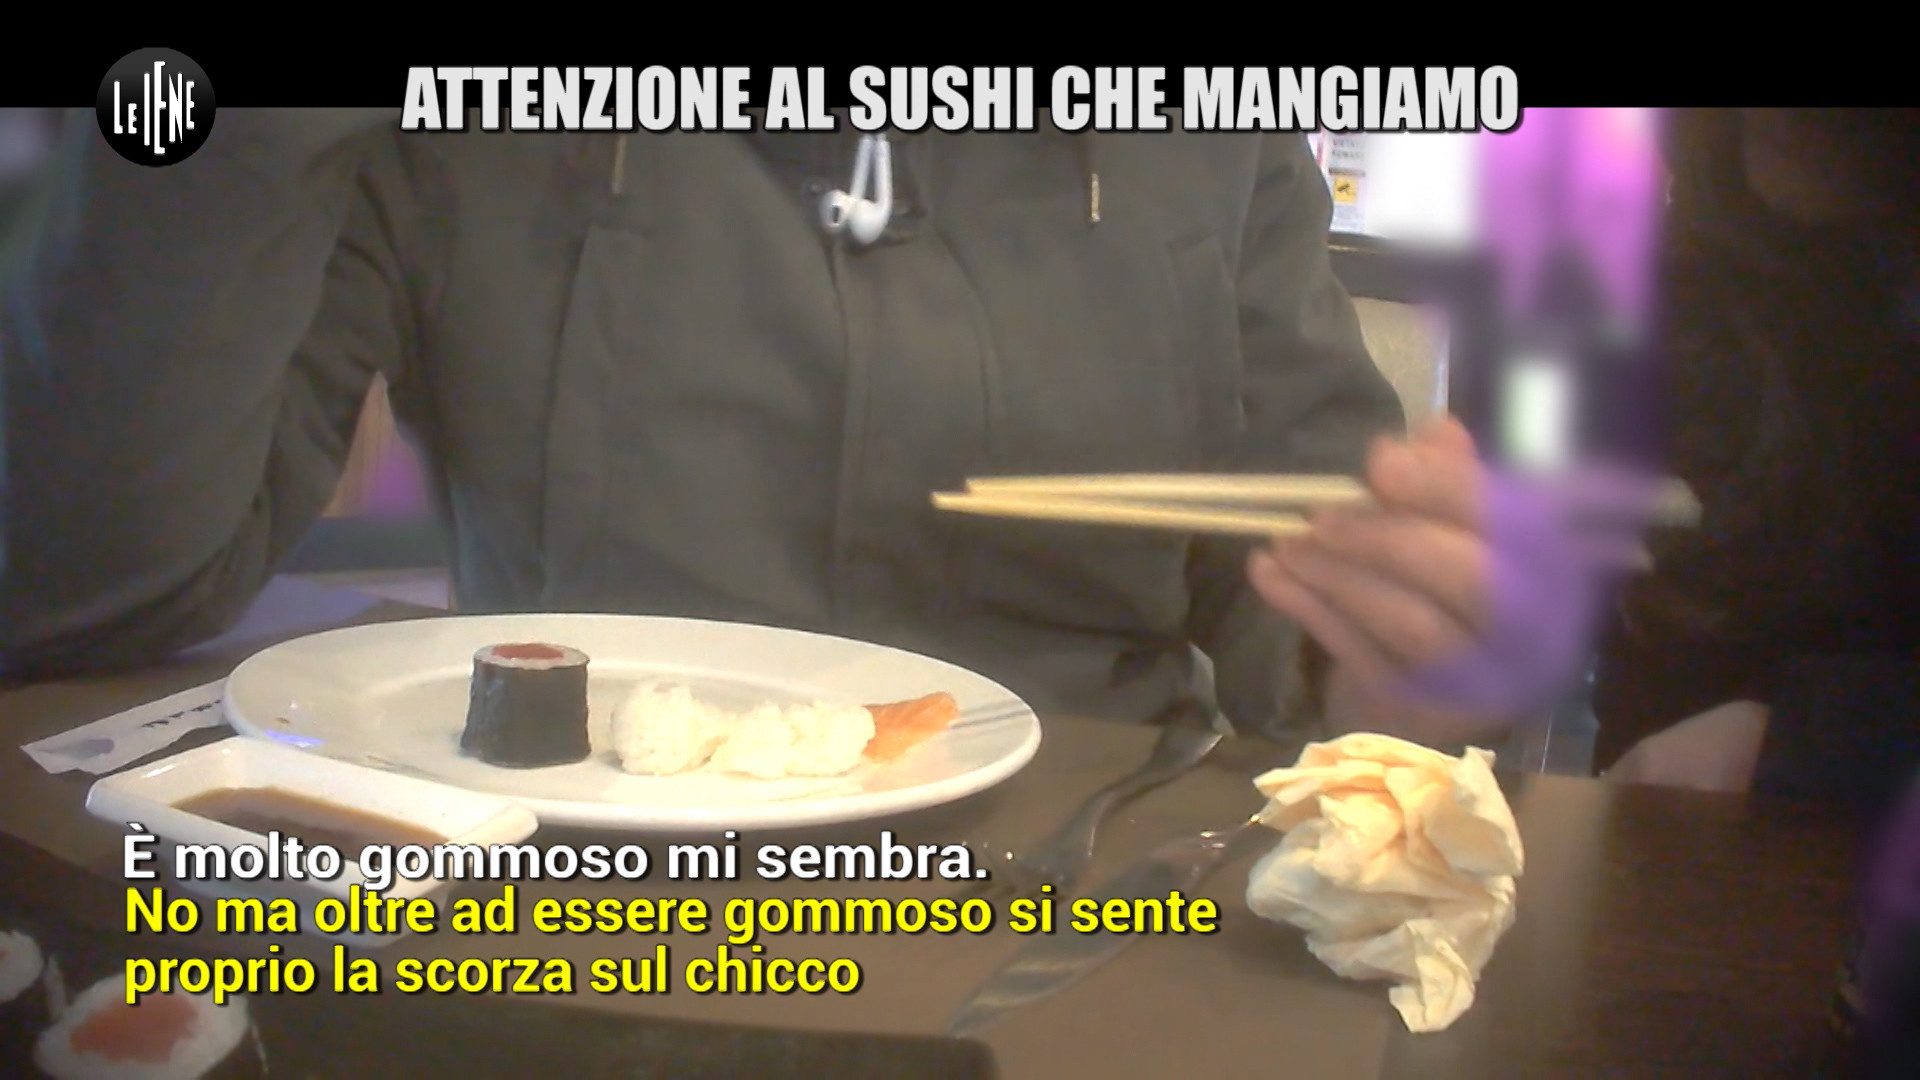 Attenzione al sushi che mangiamo negli all you can eat